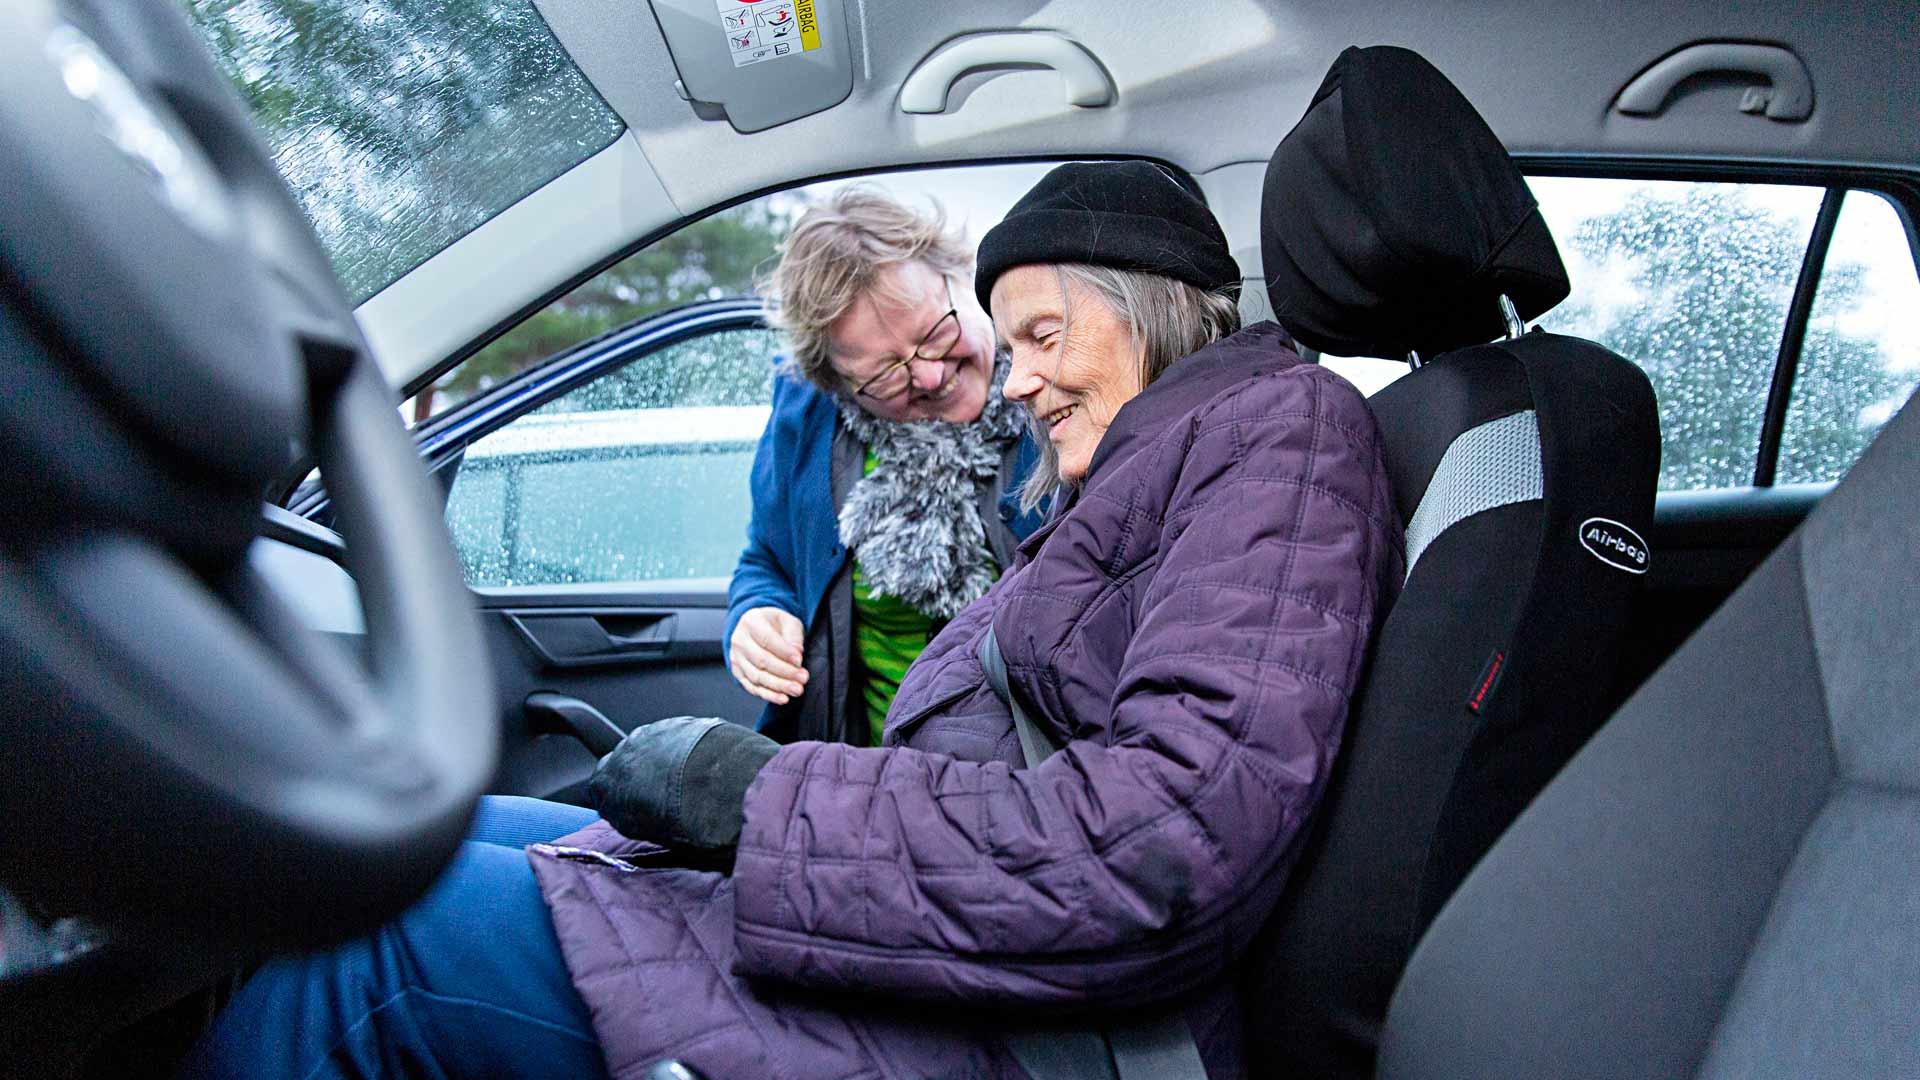 Auli Rantasta ja Anneli Leppästä laulattaa vielä automatkalla Annelin kotiin.